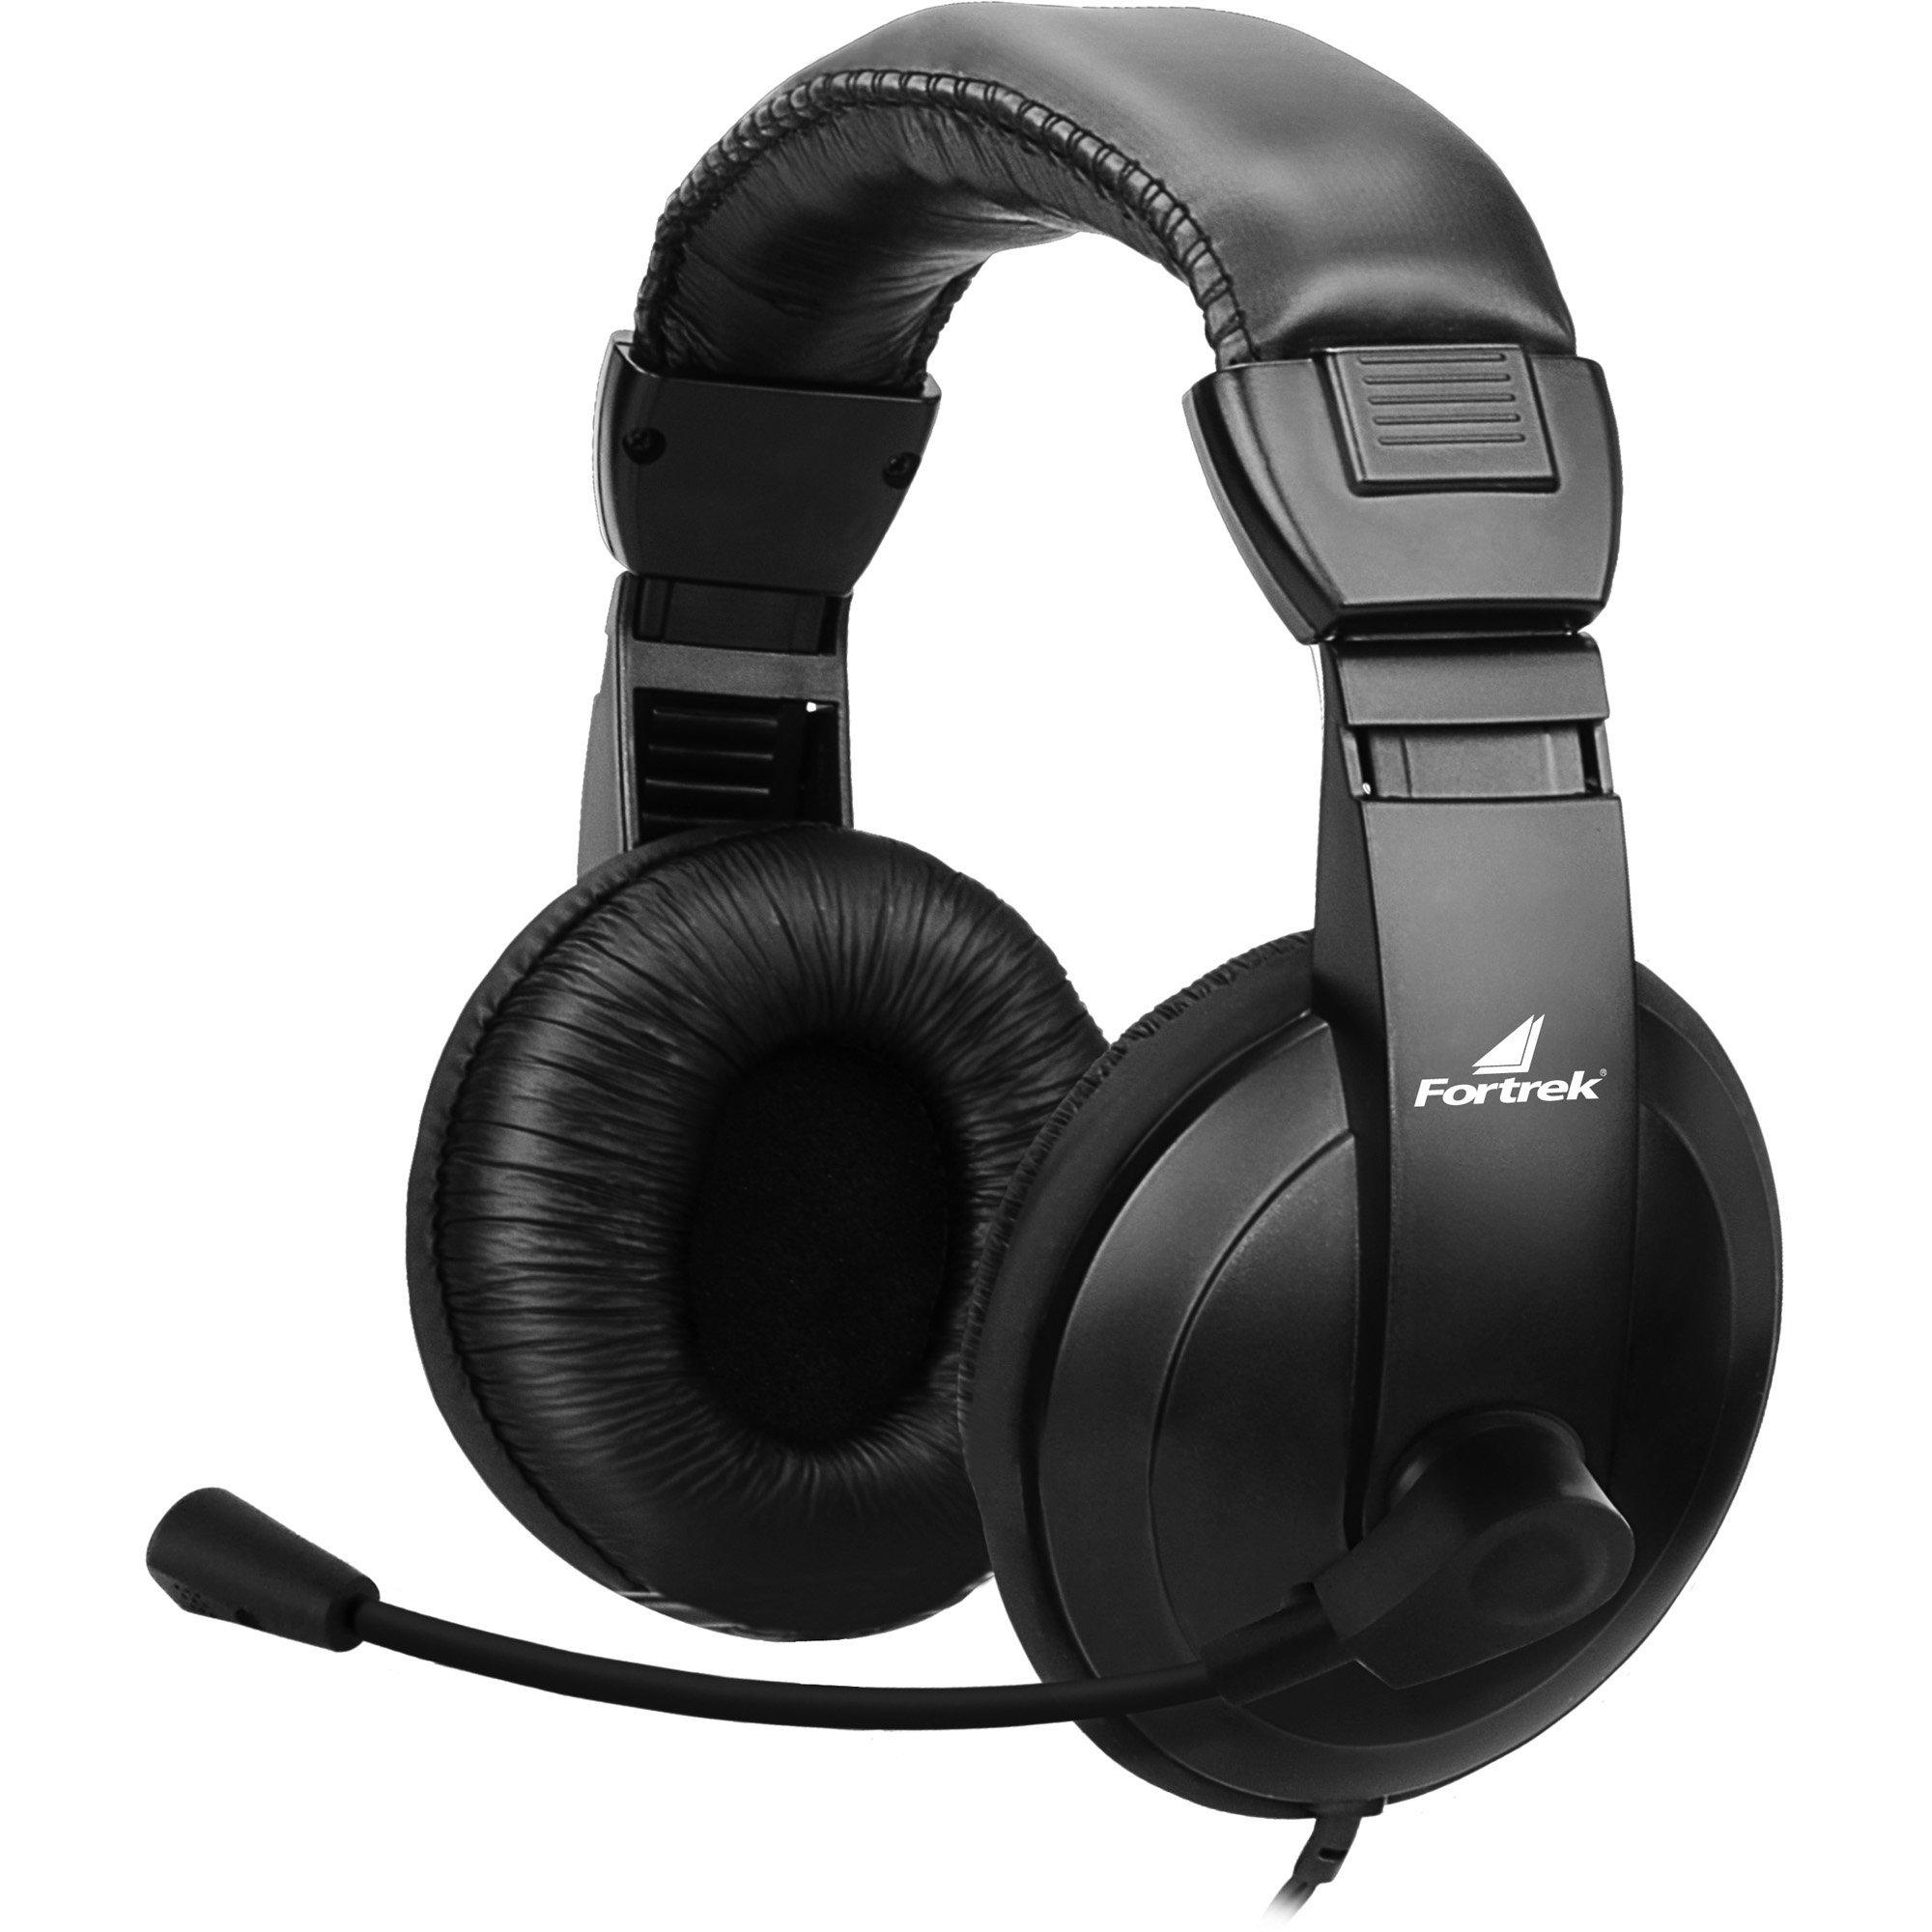 fone de ouvido extra fortrek hsl 102 preto com microfone 45066 2000 193351 1